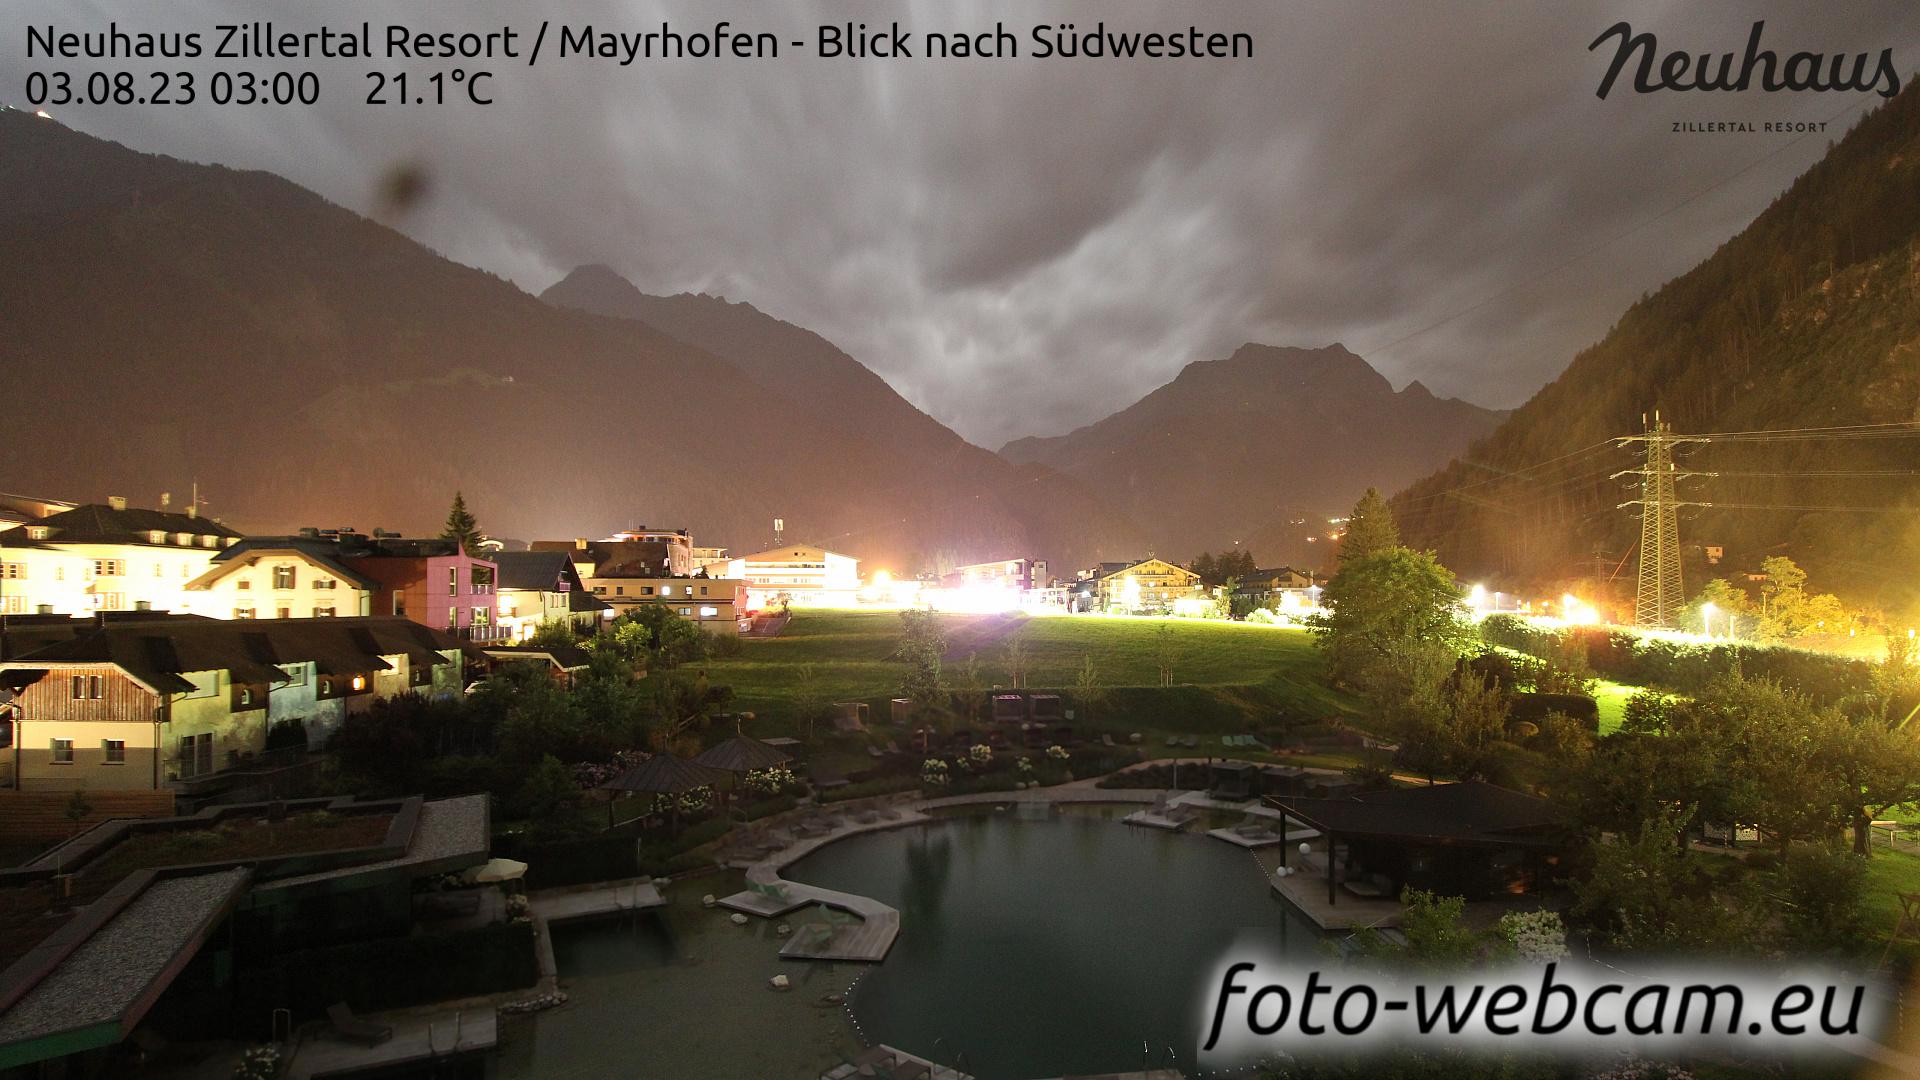 Mayrhofen Mon. 03:33